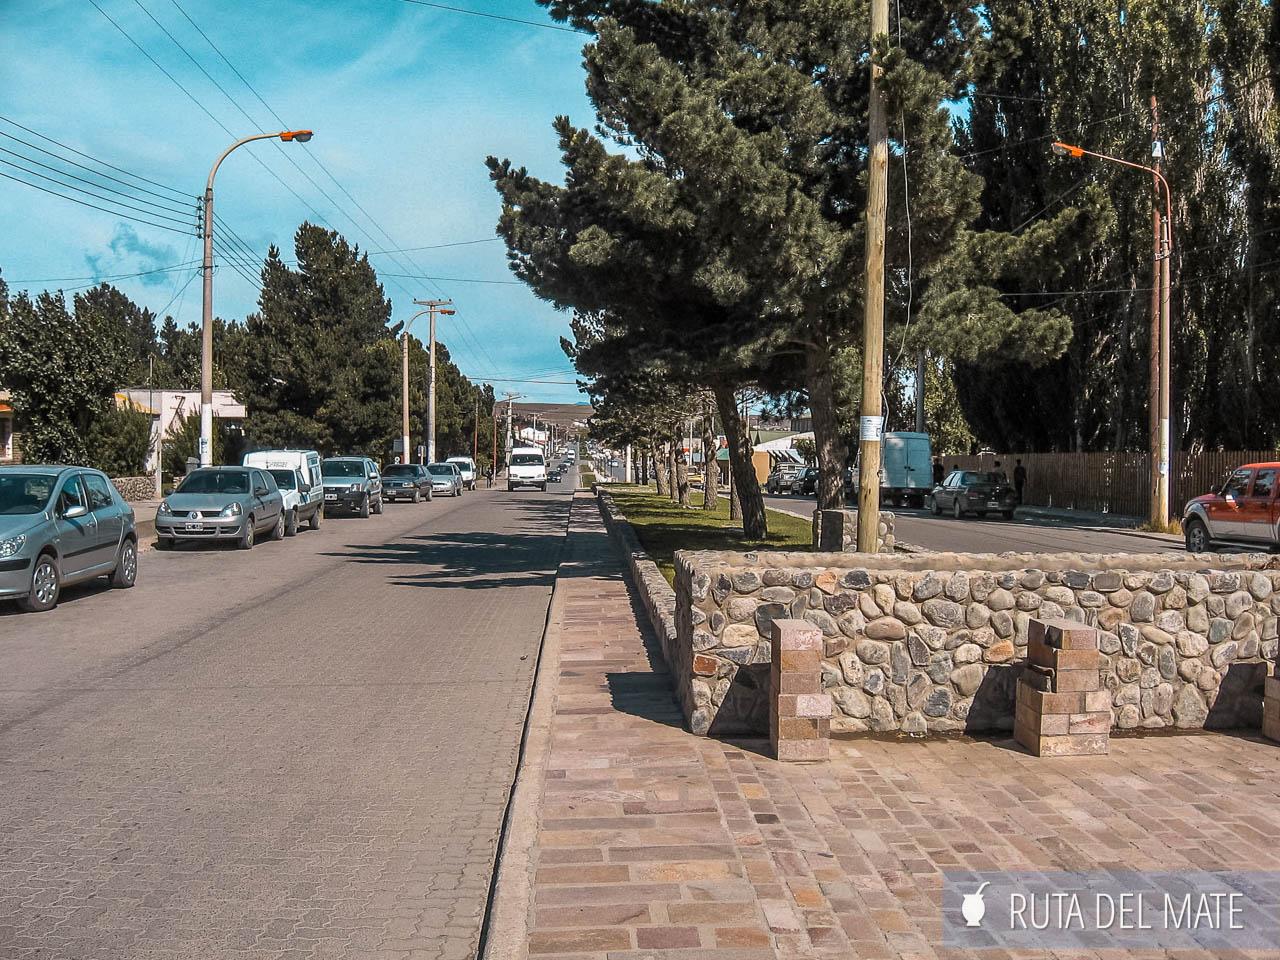 Avenida del Libertador El Calafate